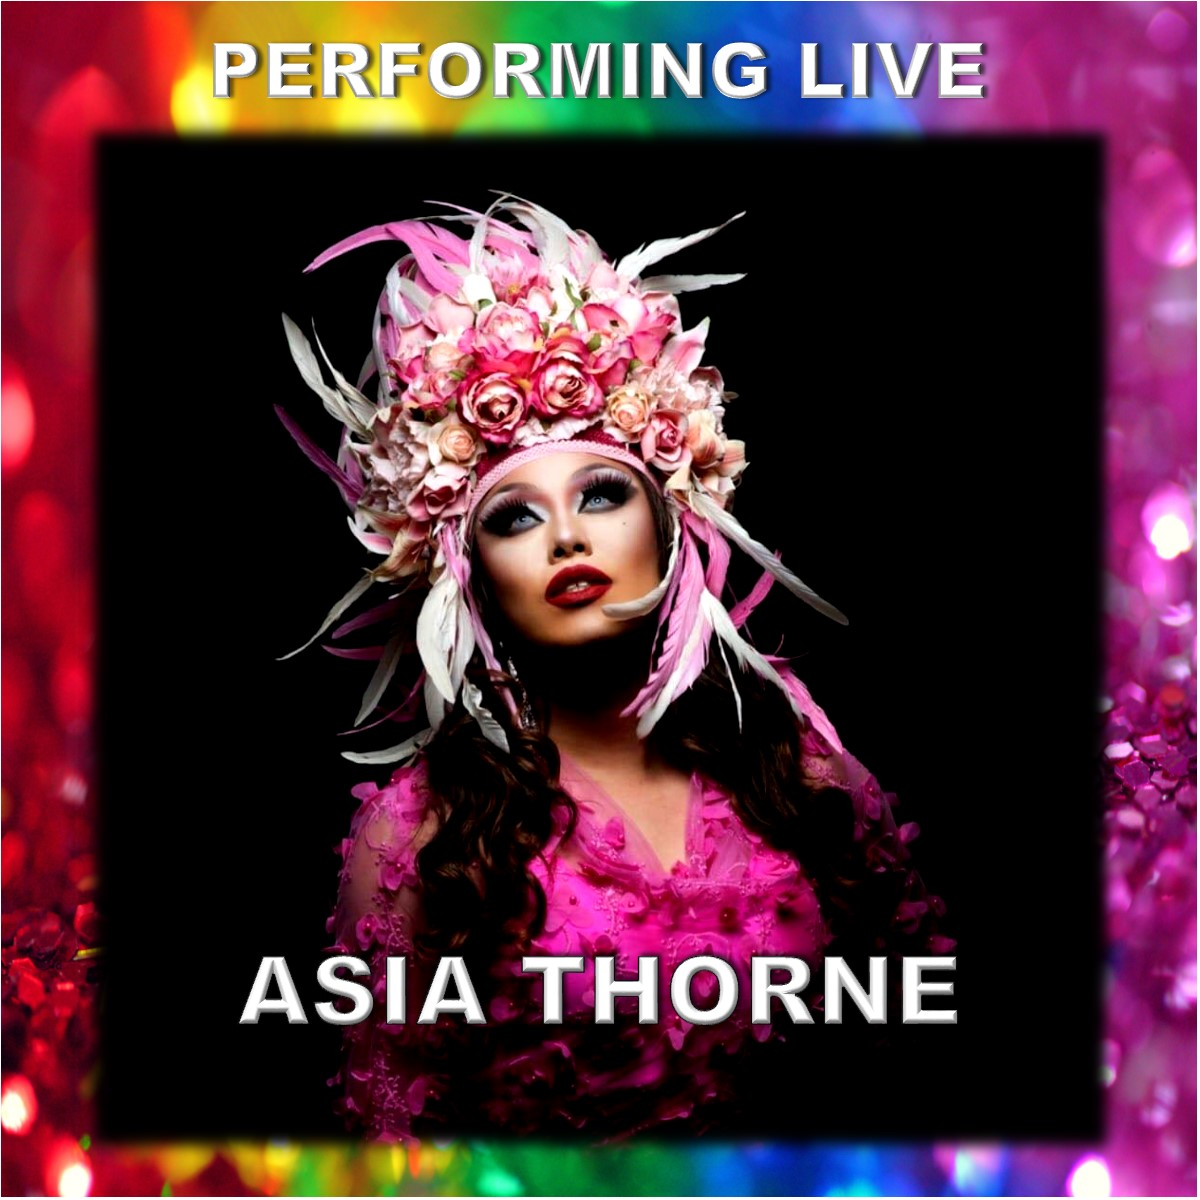 Asia Thorne